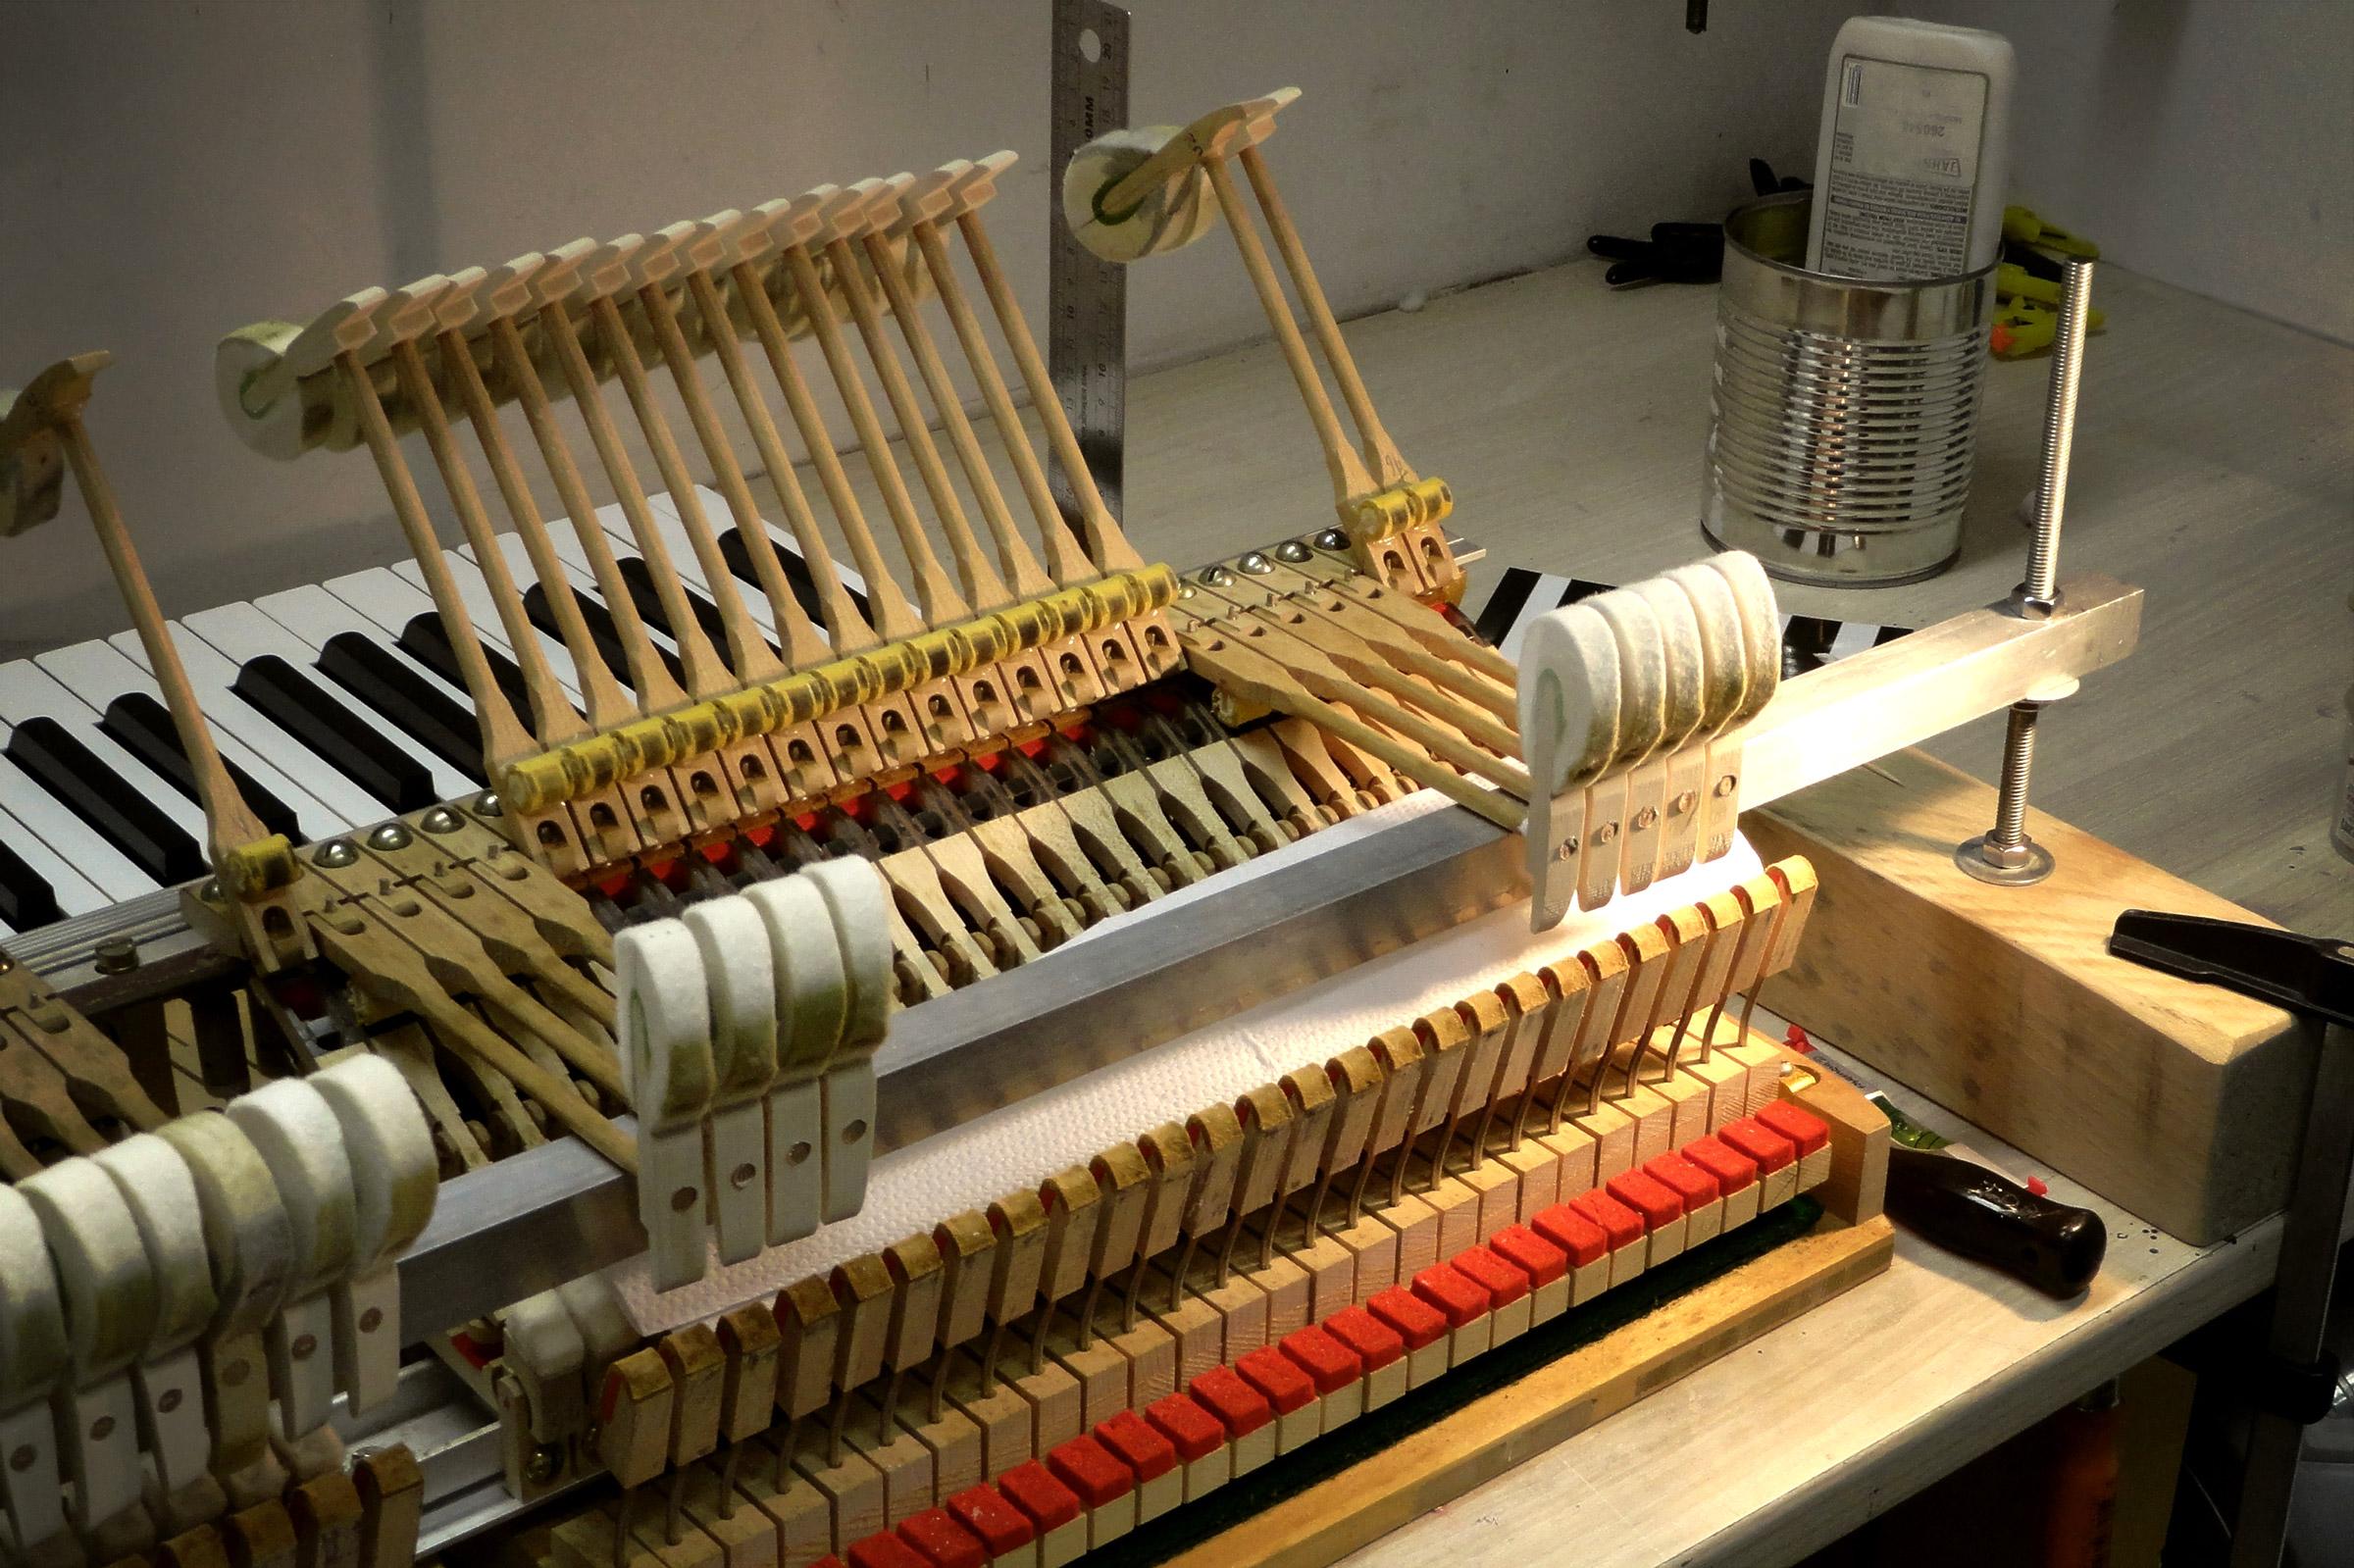 piano-reparatie-restauratie-techniek-3